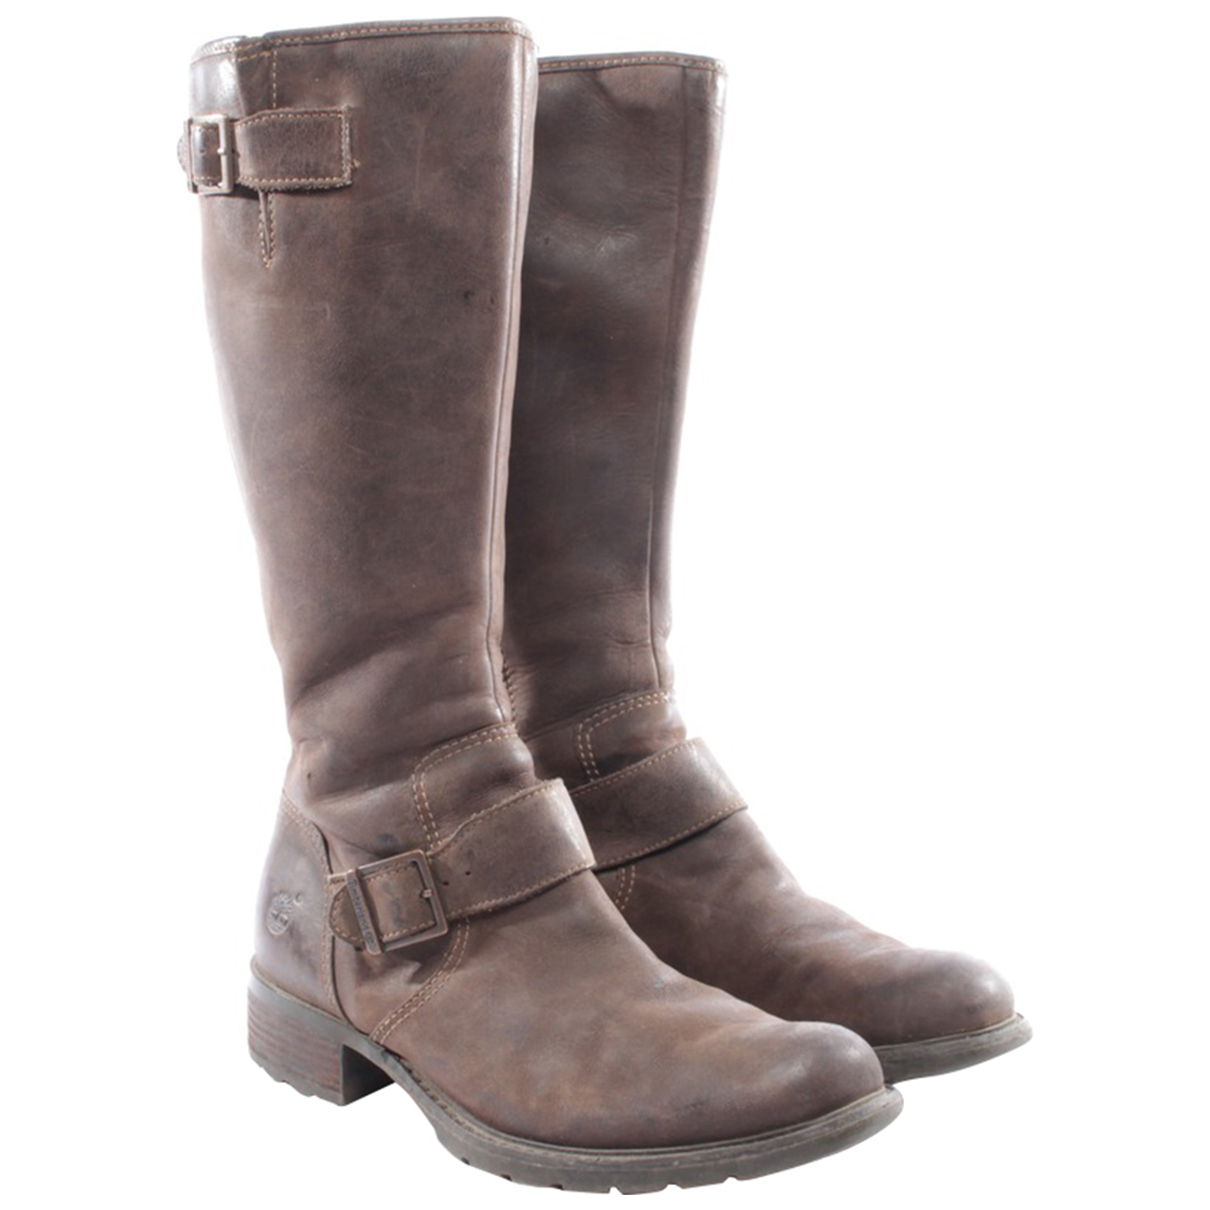 Timberland - Bottes   pour femme en cuir - marron